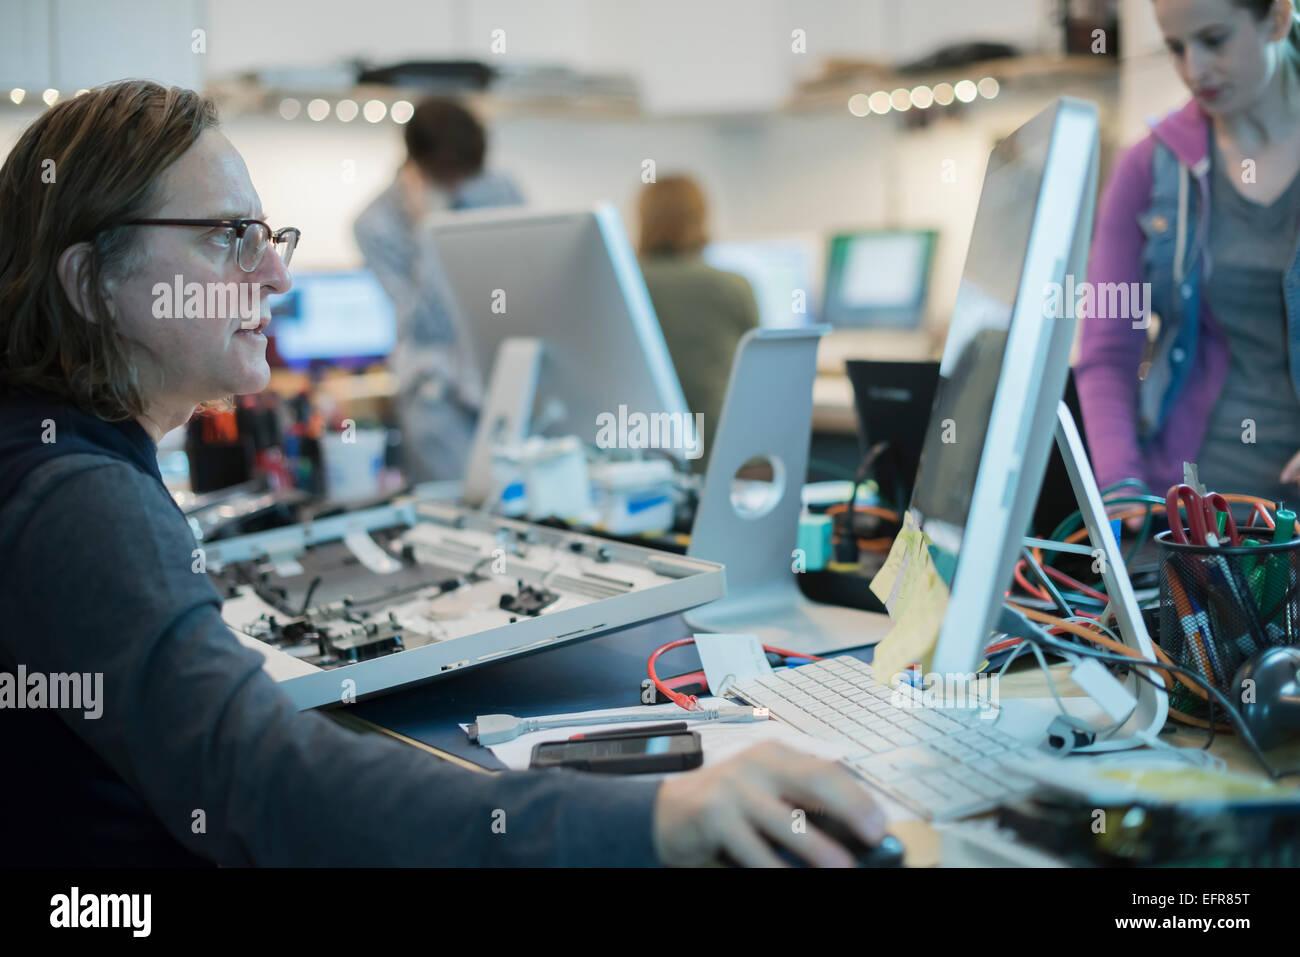 Ein Mann sitzt an einem Computer, auf den Bildschirm. Computer-Werkstatt. Stockbild